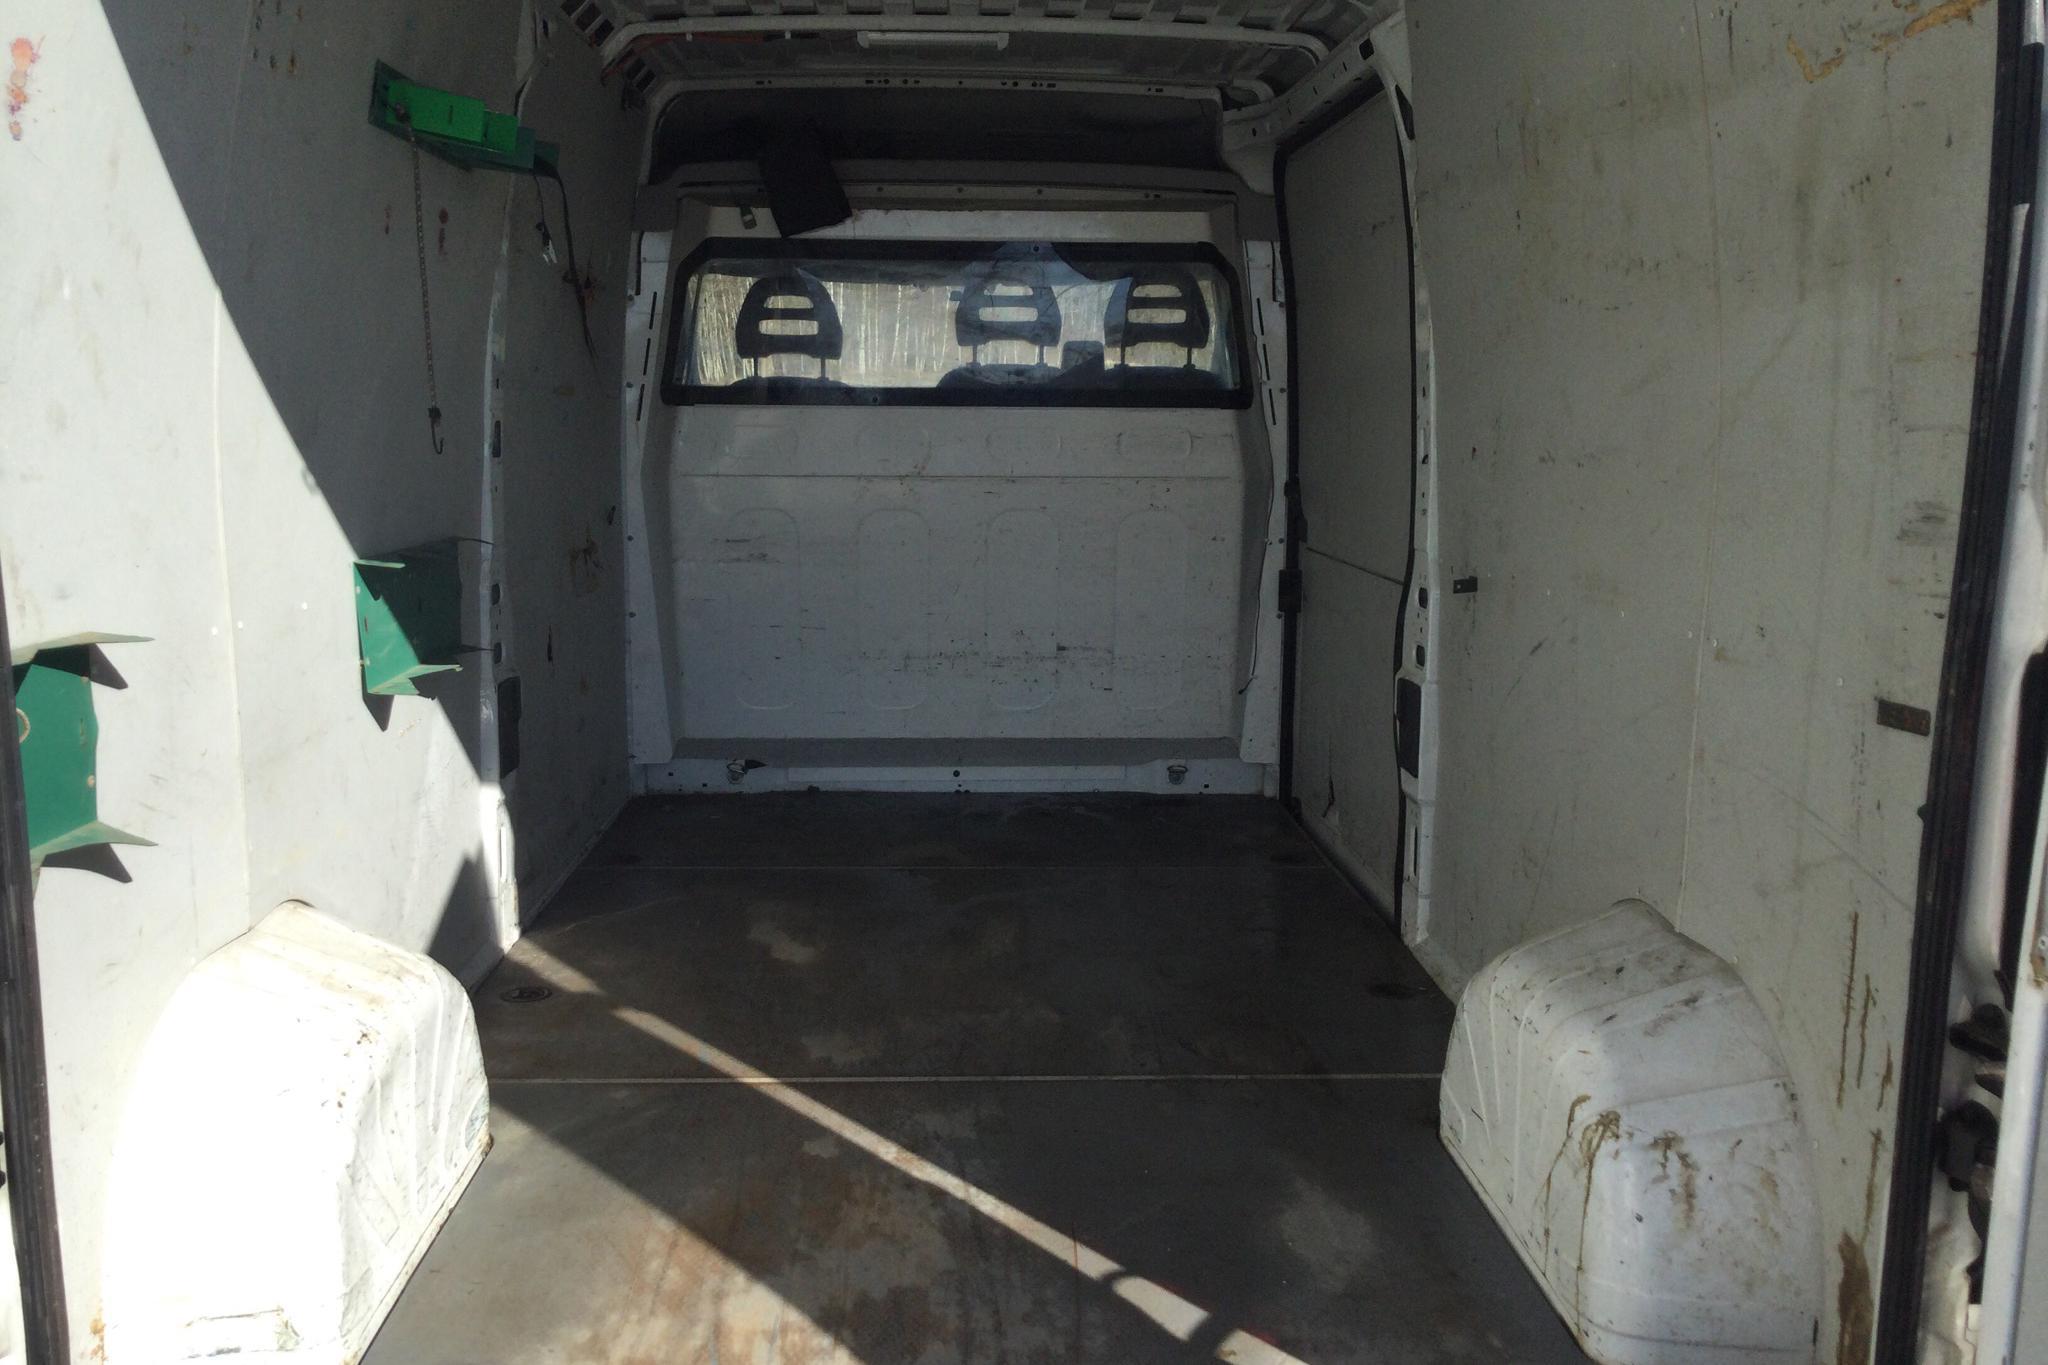 Peugeot Boxer 2.2 HDI Skåp (120hk) - 28 829 mil - Manuell - vit - 2011